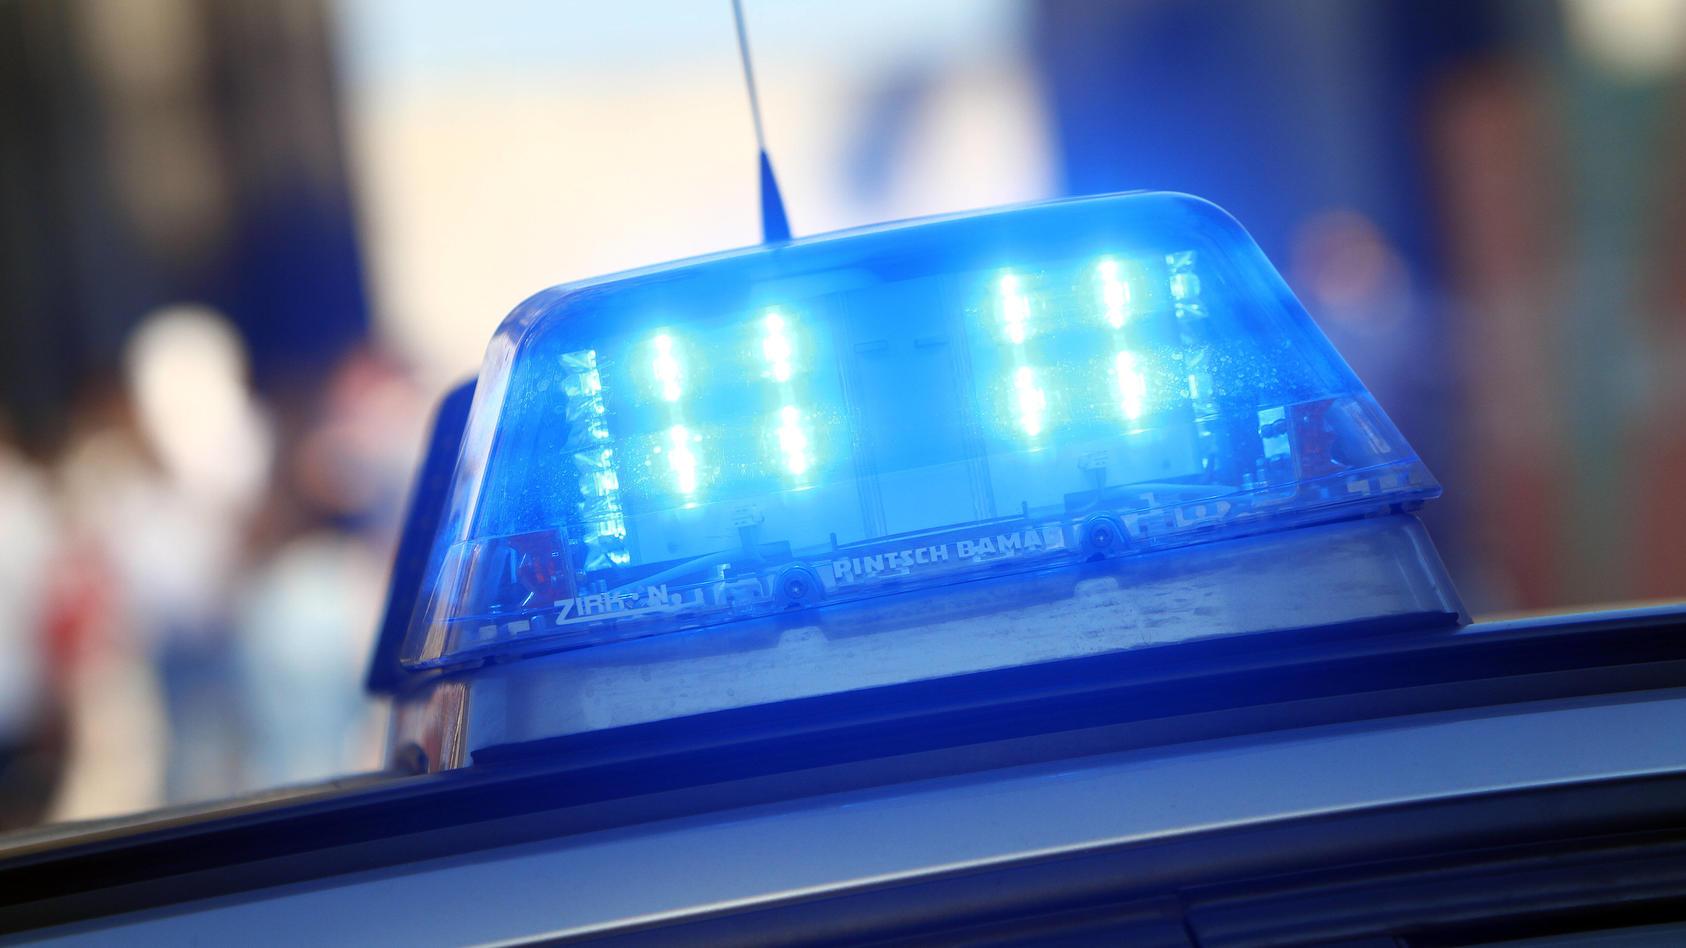 Einsatzwagen der Polizei bei einem Einsatz in der Innenstadt von Köln, Nordrhein Westfalen, Deutschland